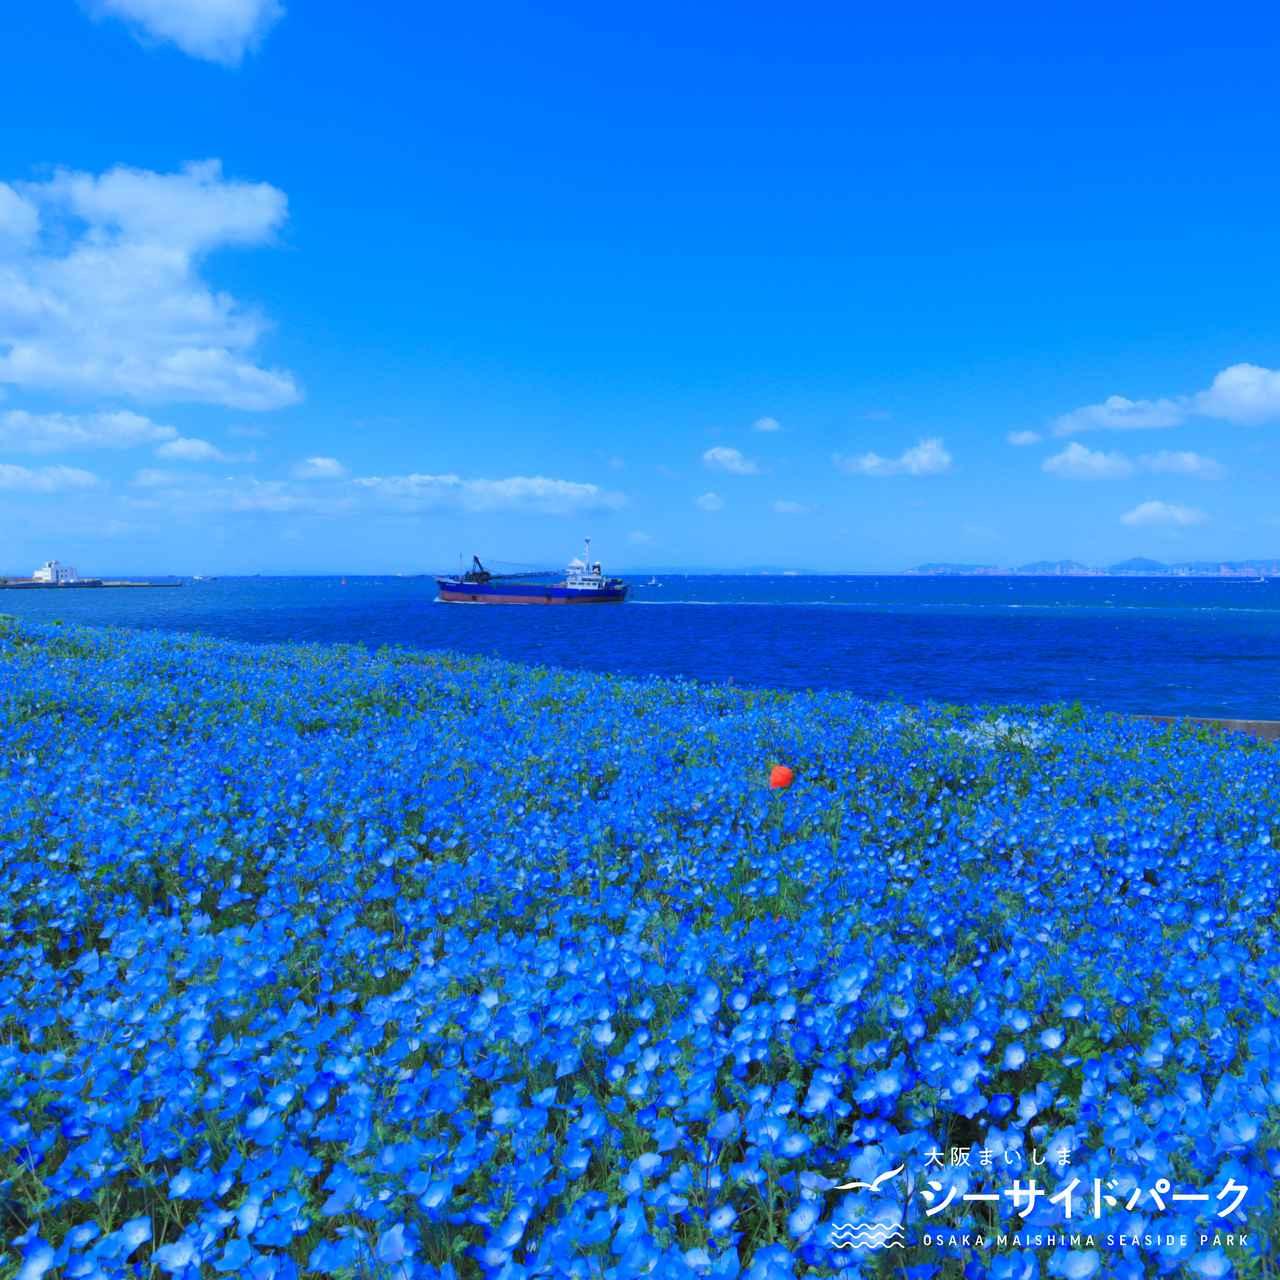 画像1: 【大阪】ネモフィラが作り出す青の世界。「大阪まいしまシーサイドパーク」で映え写真を撮る